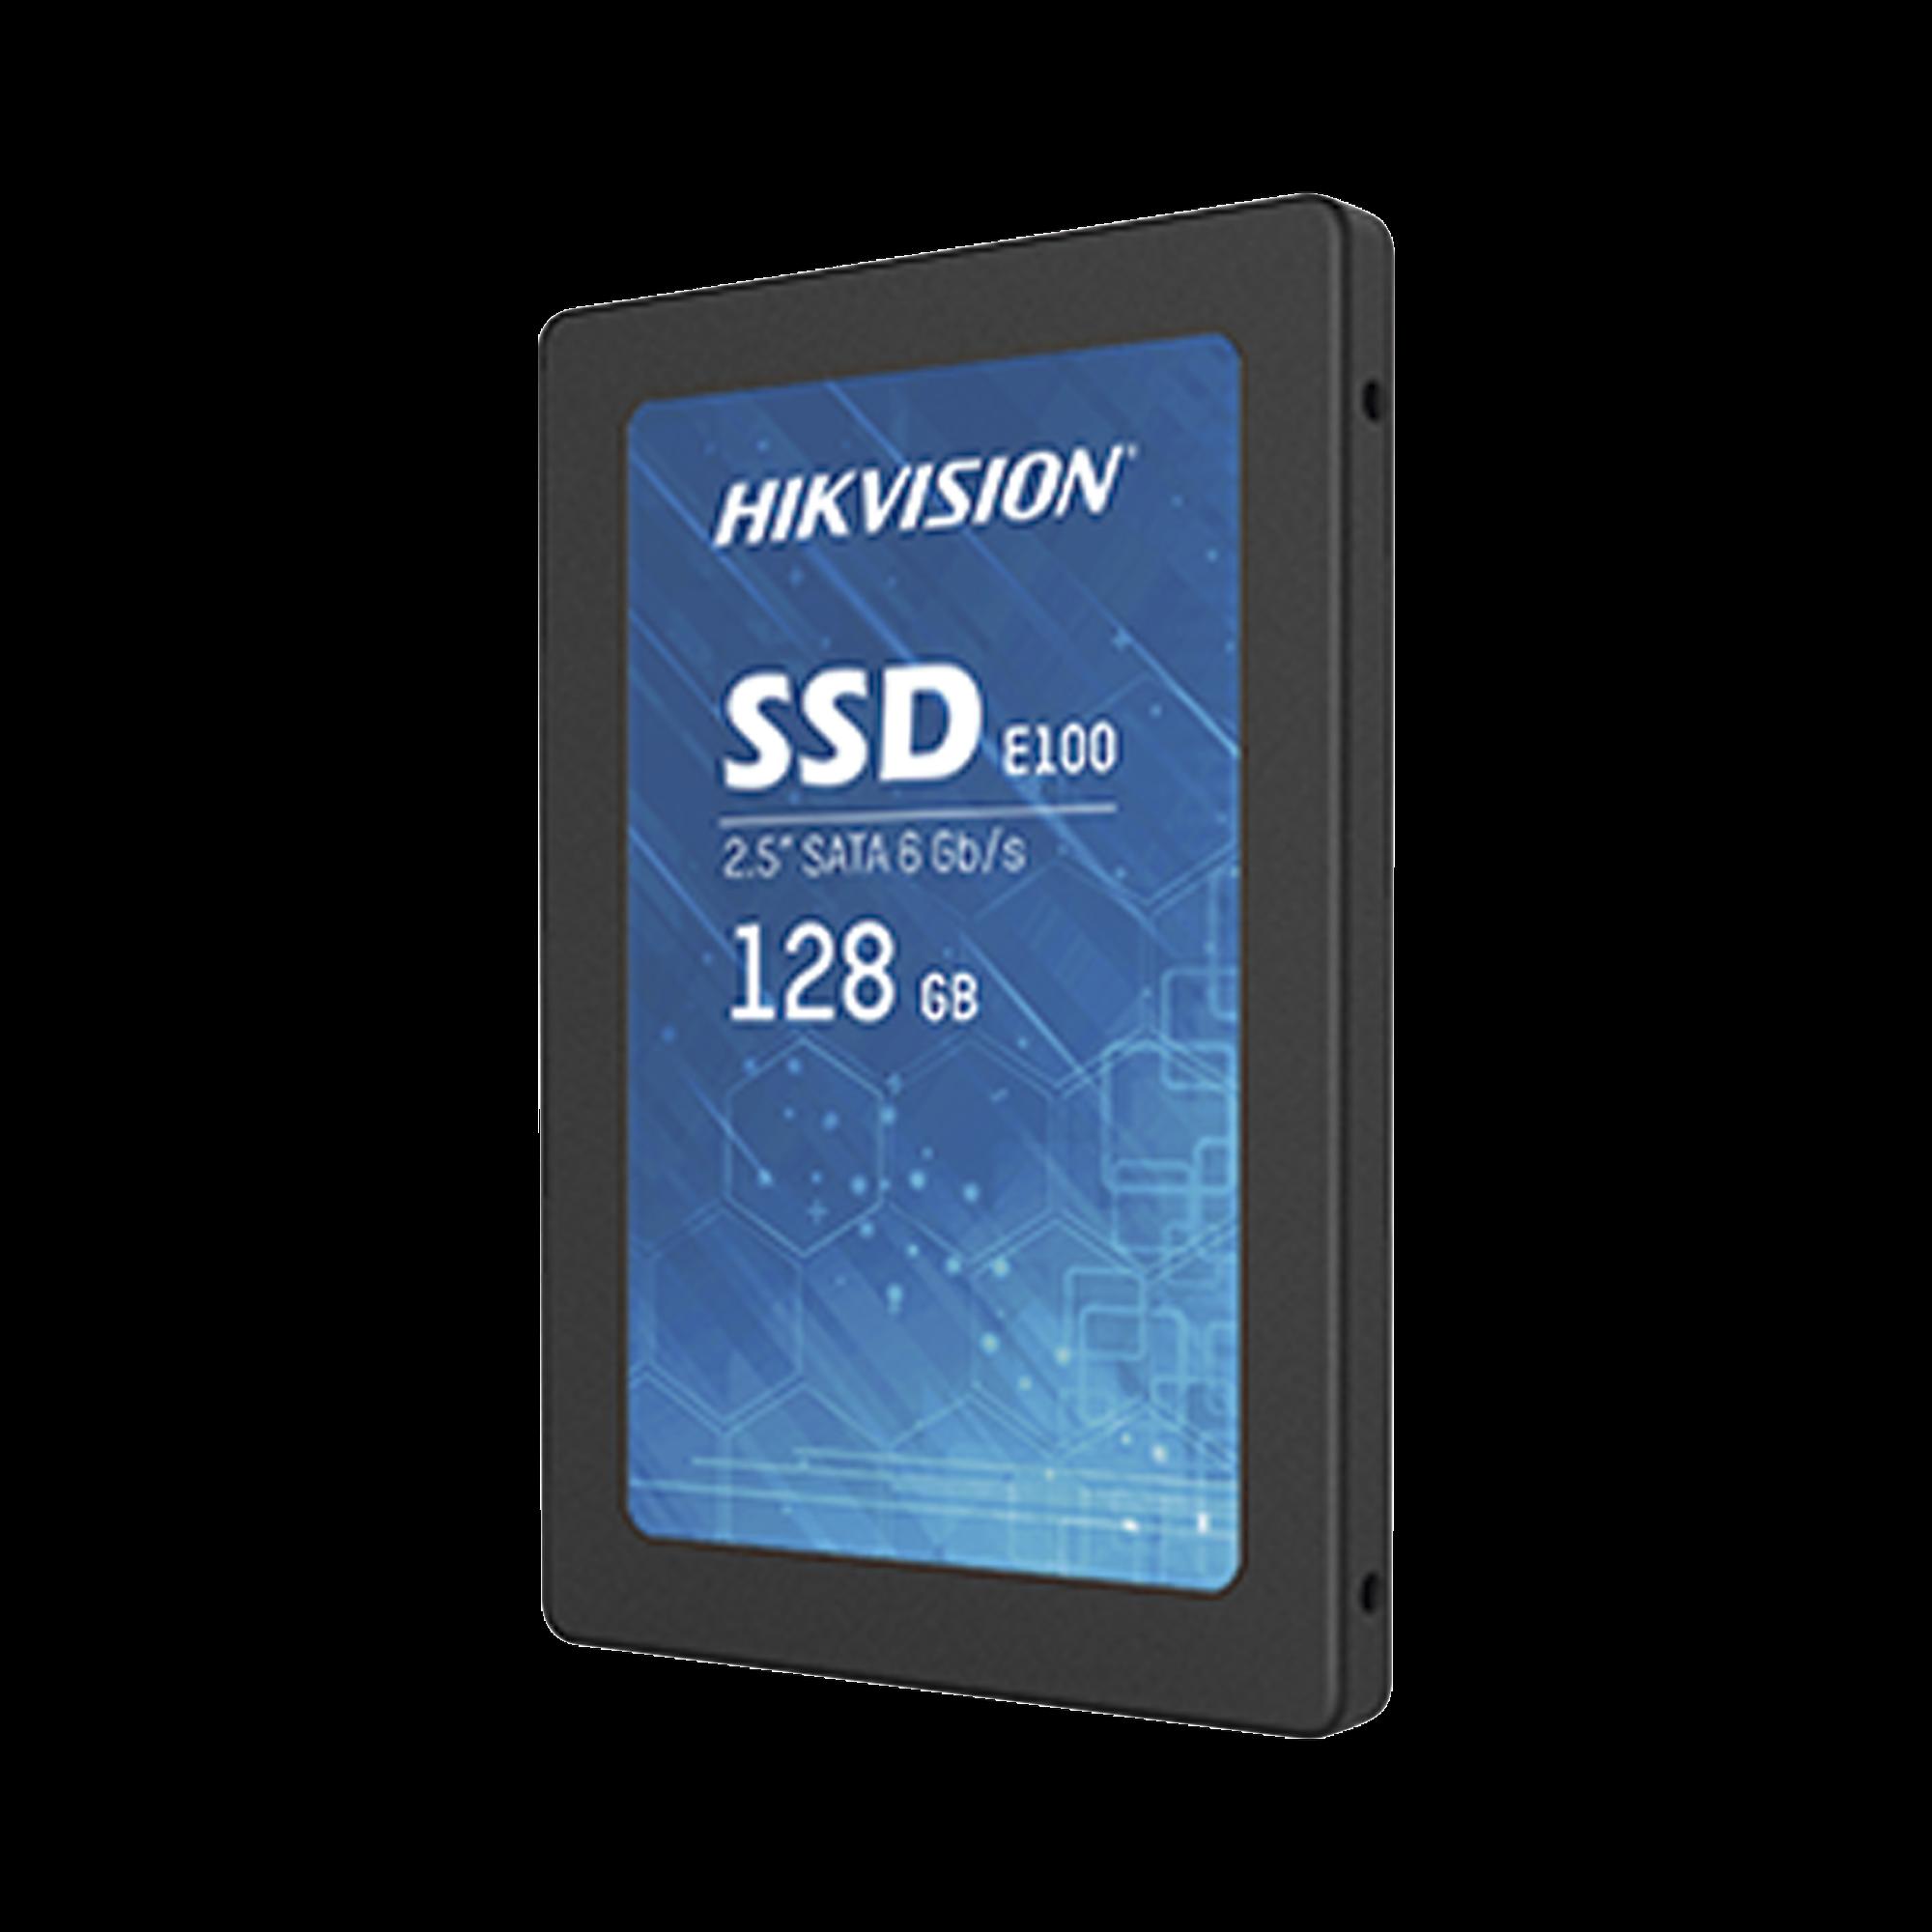 Disco de Estado Solido (SSD) de 2.5 / Capacidad de 128 GB / Recomendado para PC